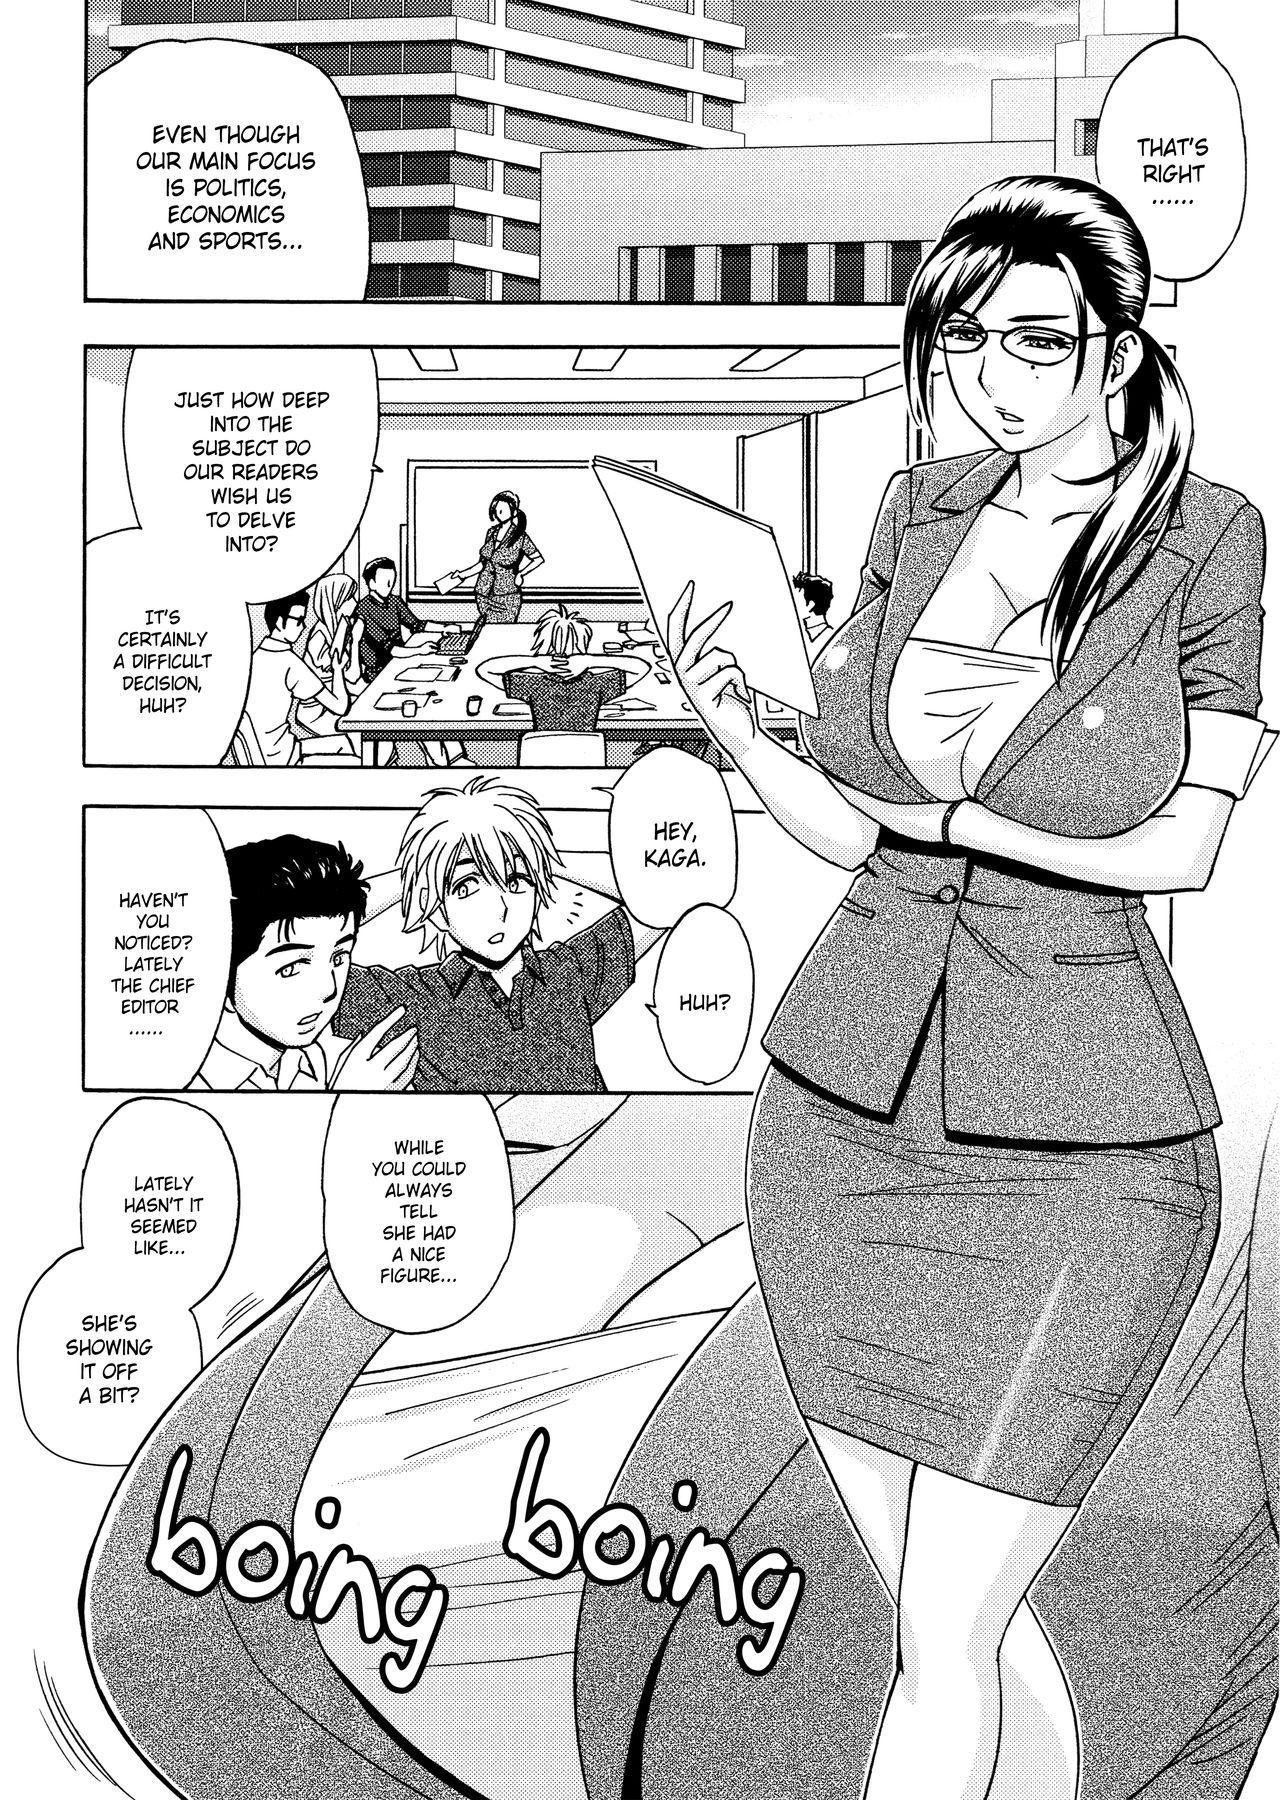 [Tatsunami Youtoku, Yamazaki Masato] Bijin Henshuu-chou no Himitsu | Beautiful Editor-in-Chief's Secret Ch. 1-7 [English] [Forbiddenfetish77, Red Vodka, Crystalium, CEDR777] [Decensored] 25